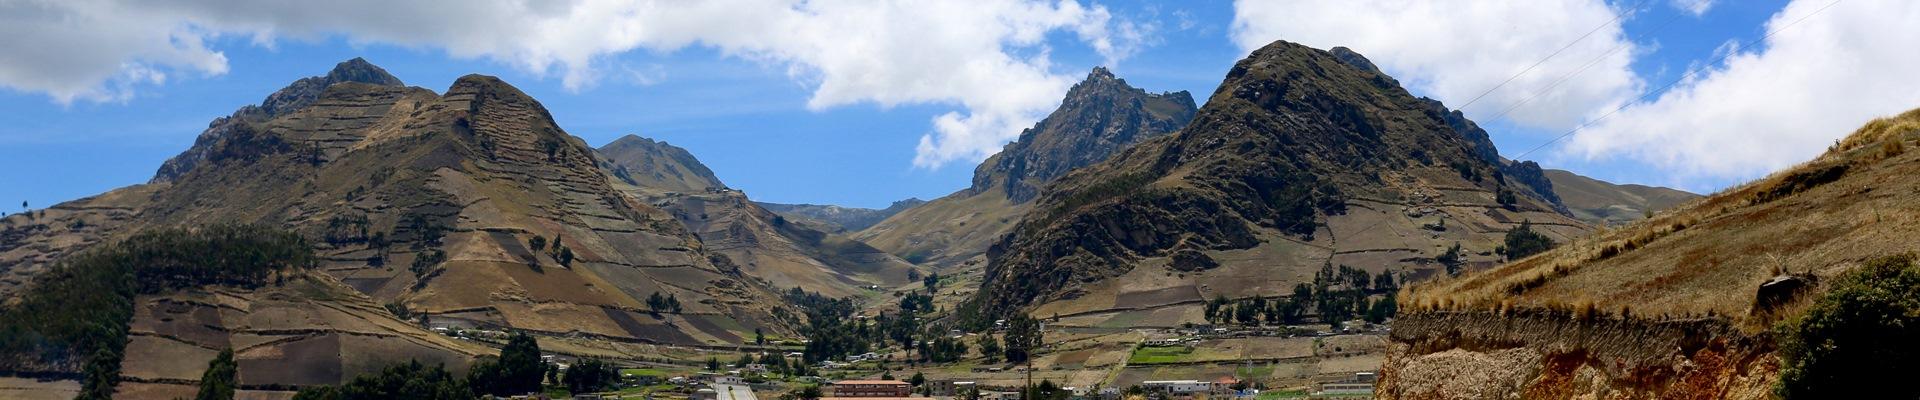 About Ecuador